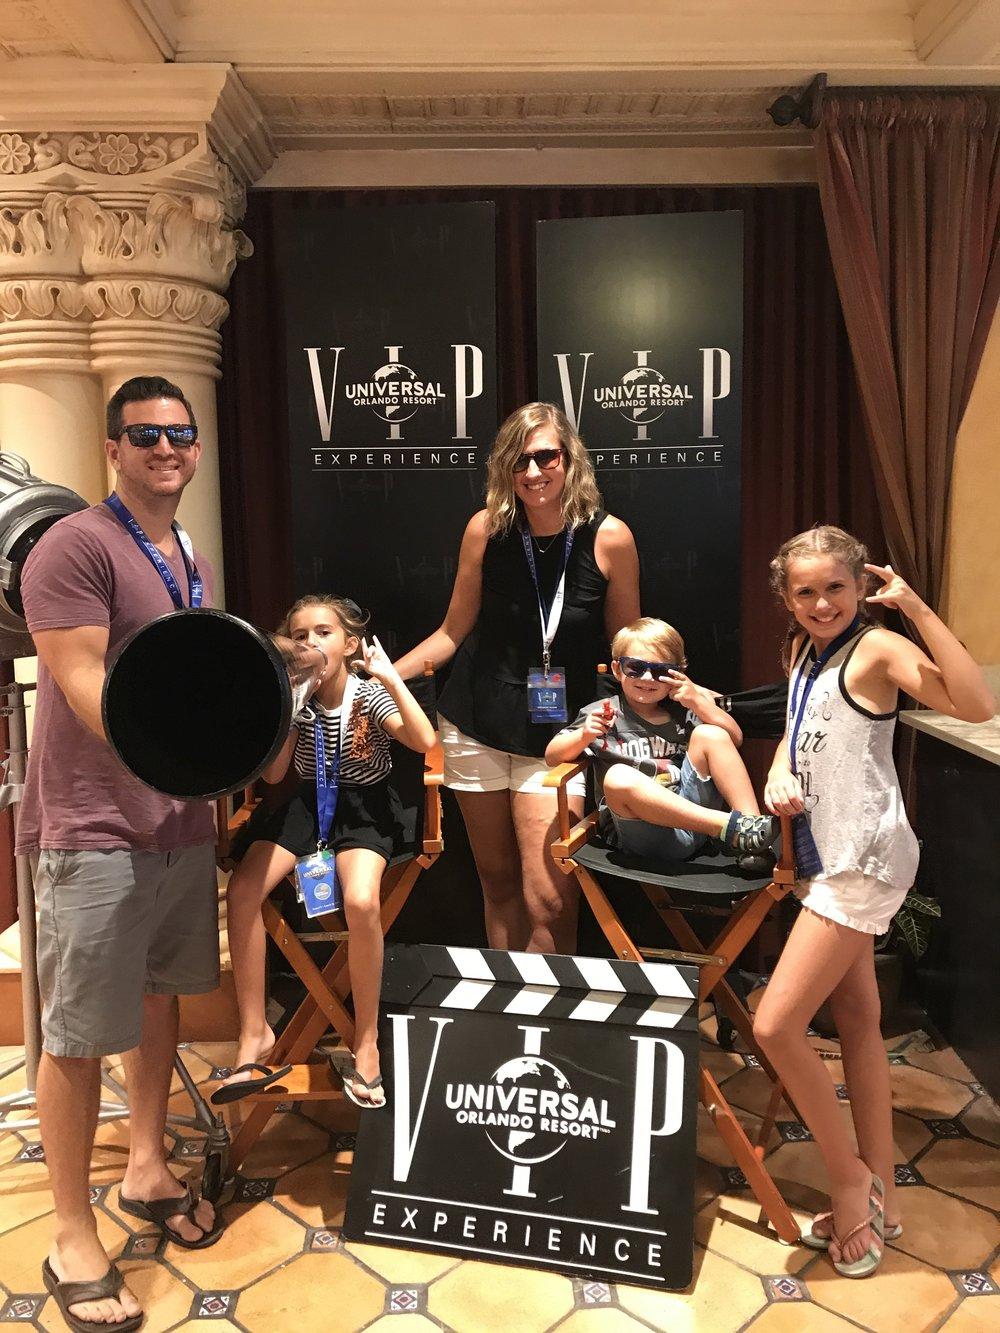 Universal Orlando Resort VIP Experience